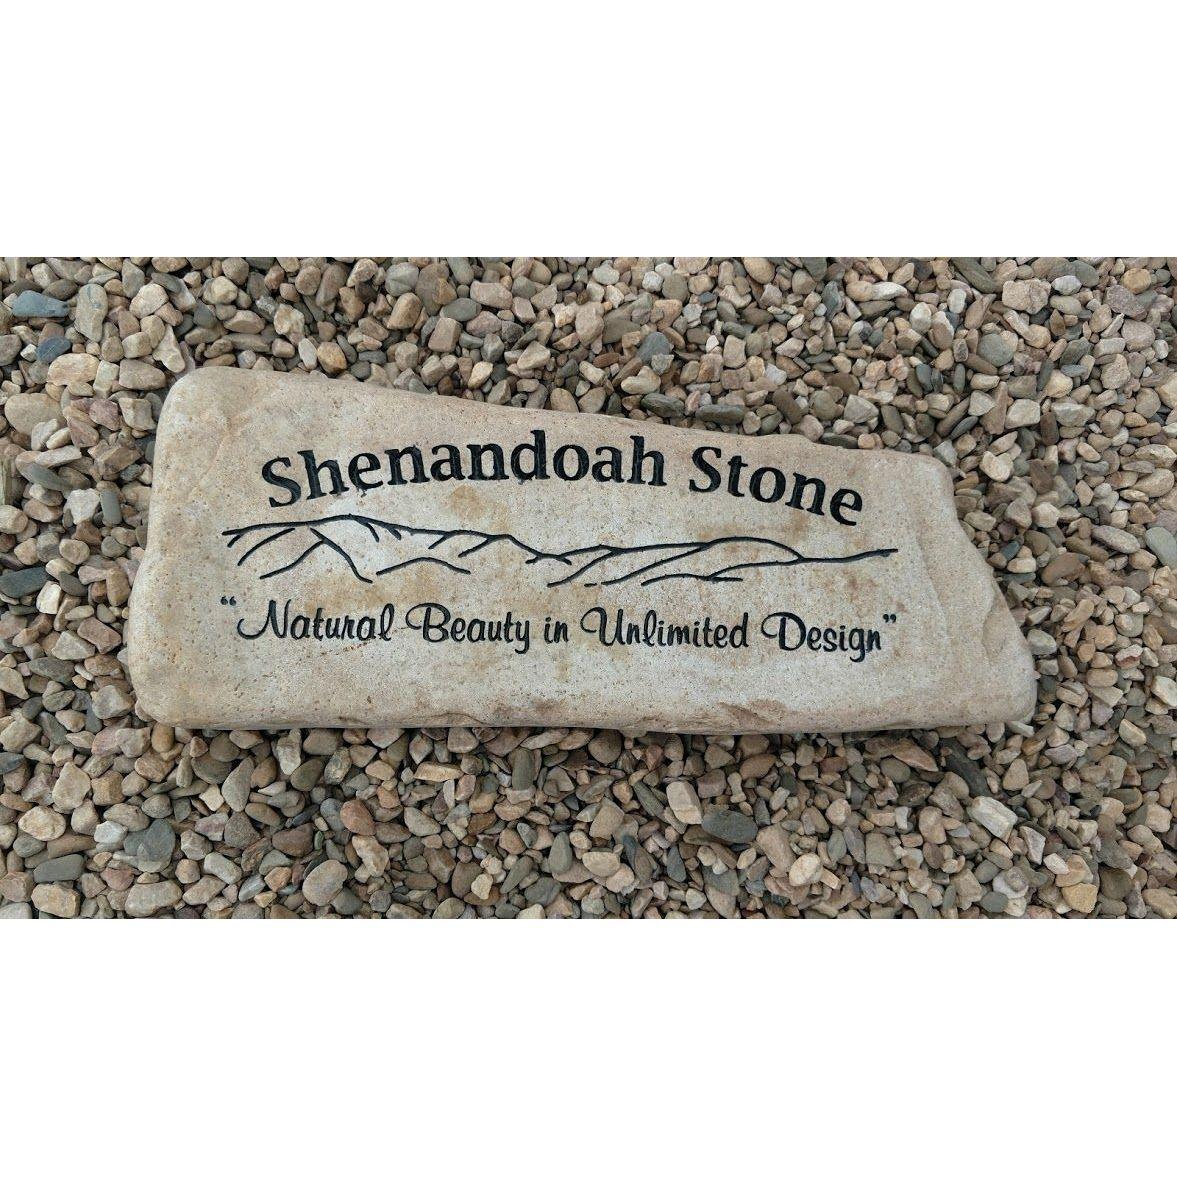 Shenandoah Stone image 1